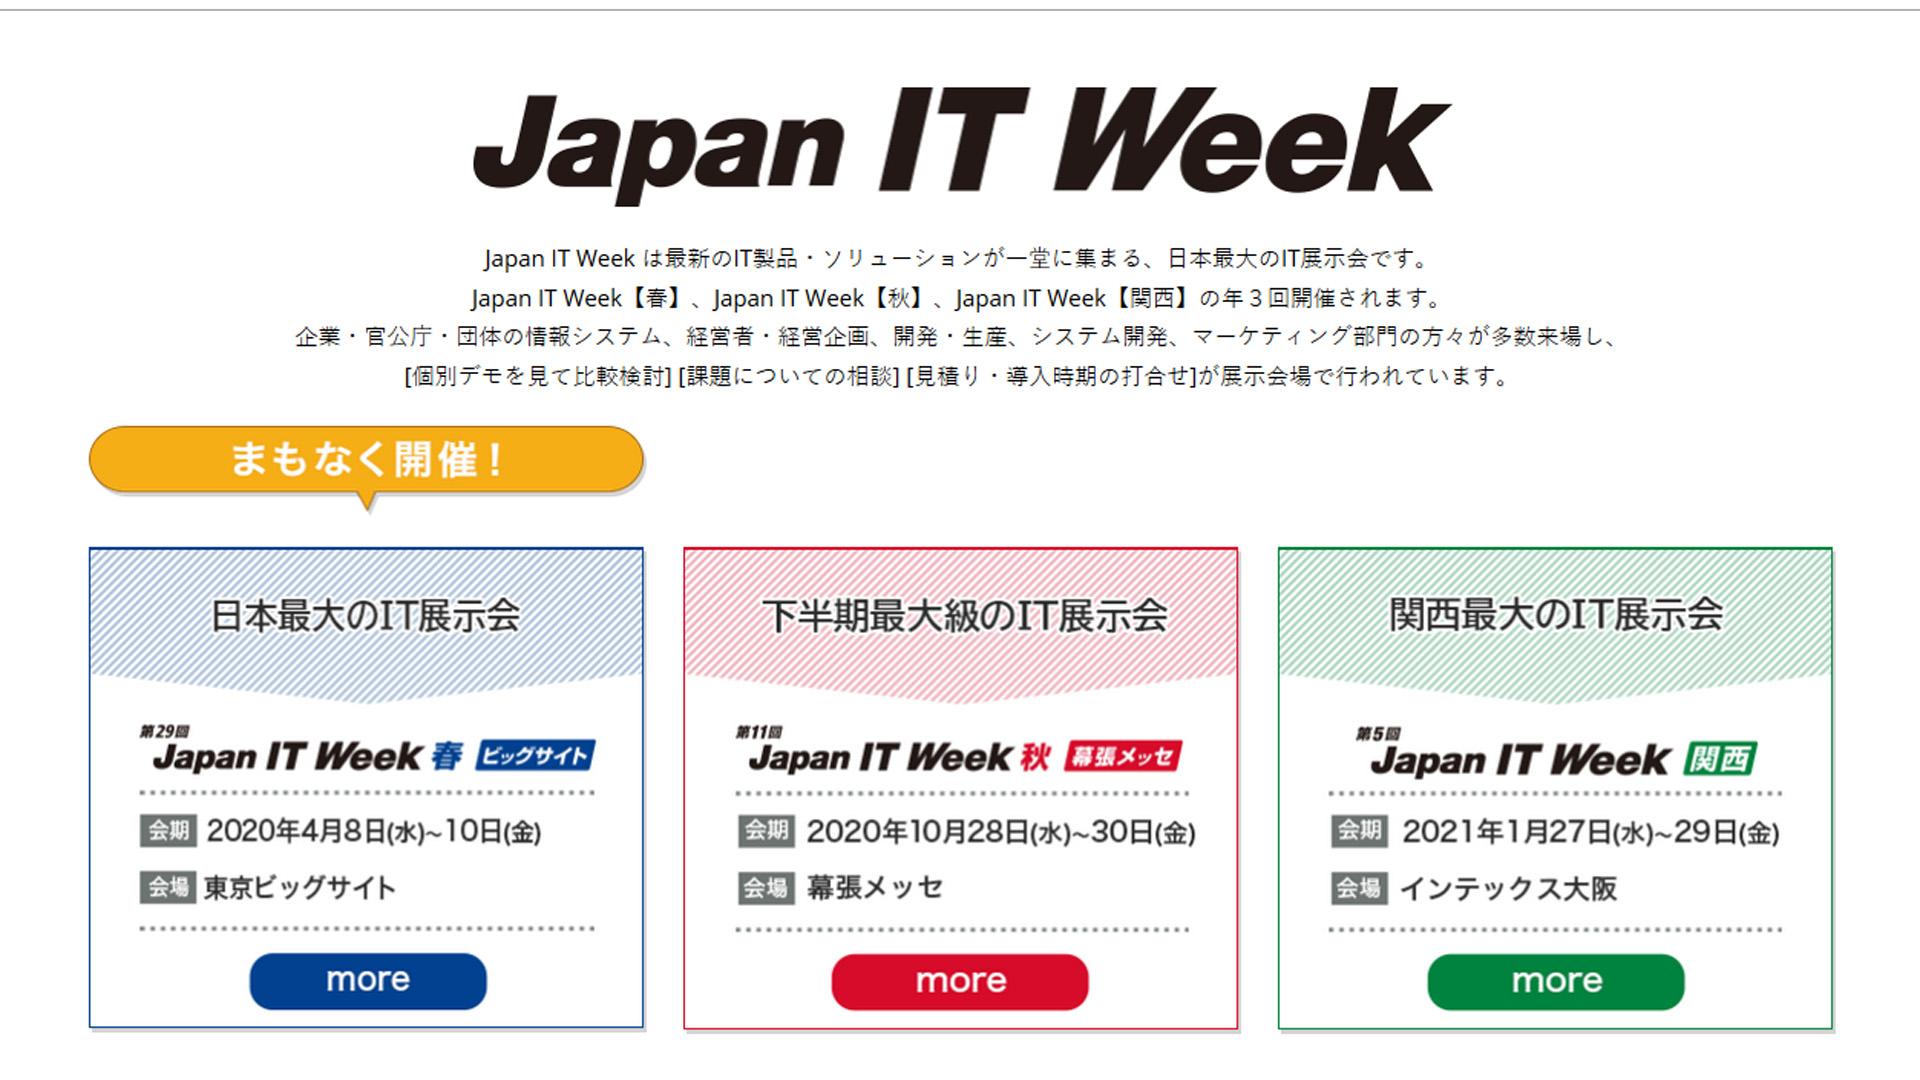 Wklaster na Targach Japan IT Week 2018